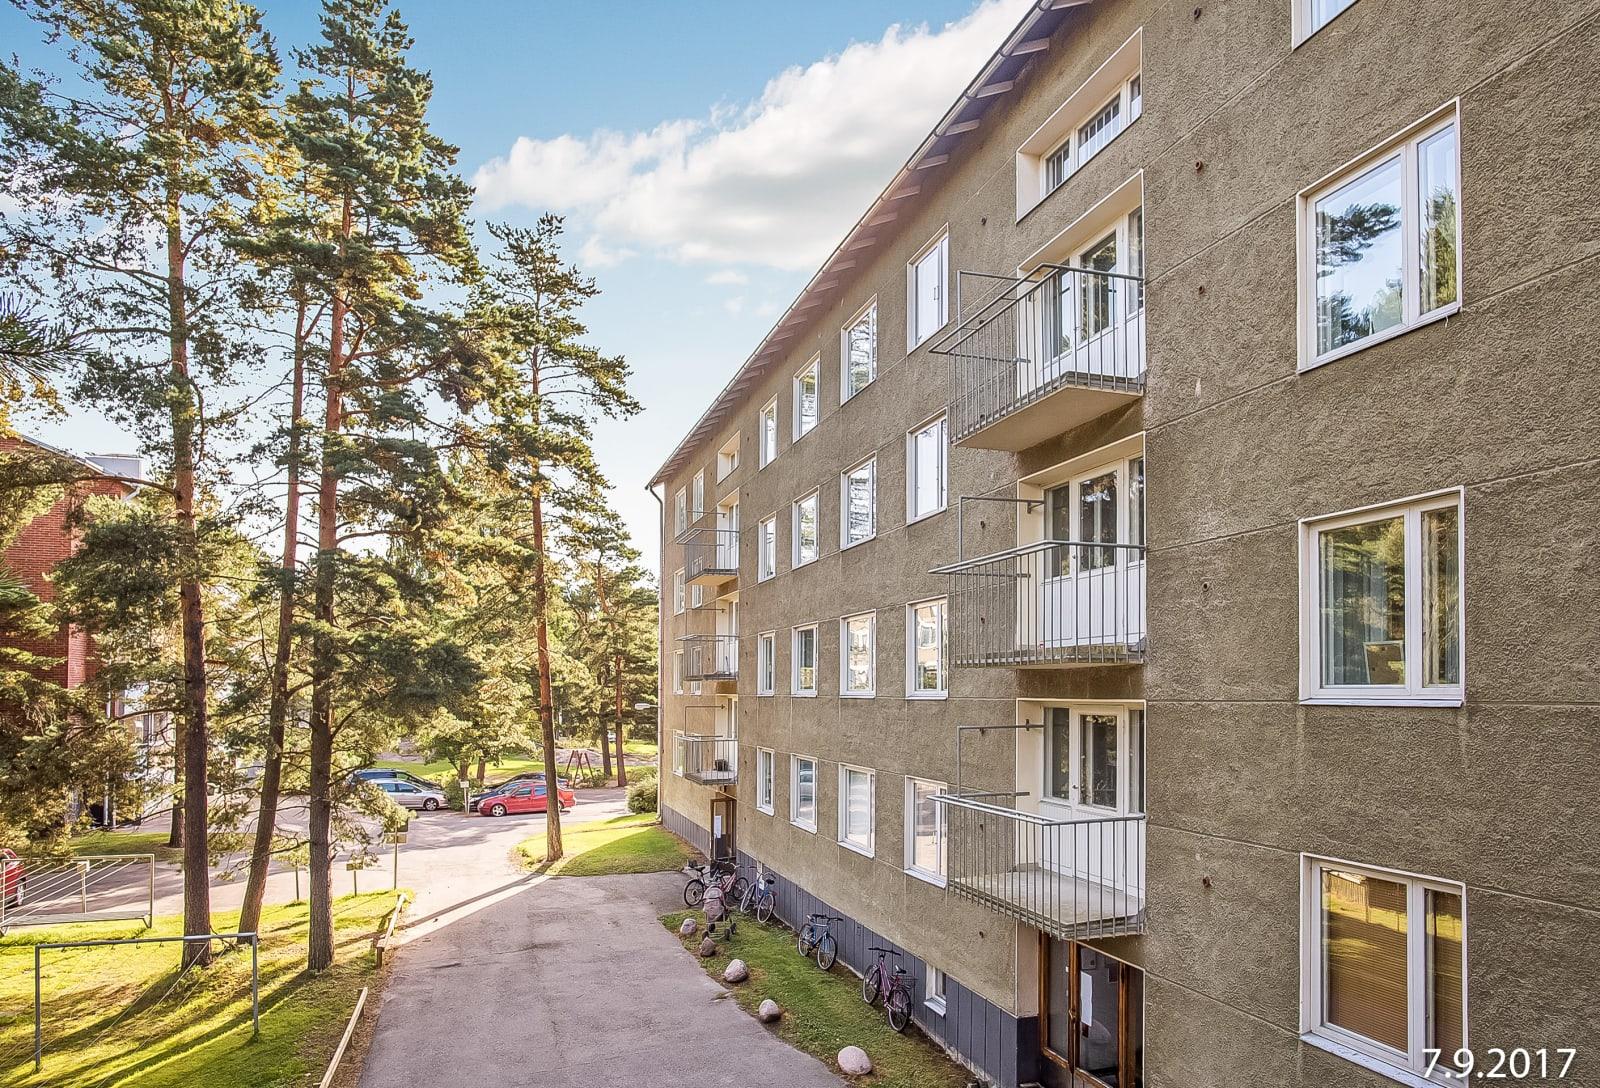 Helsinki, Pohjois-Haaga, Näyttelijäntie 24